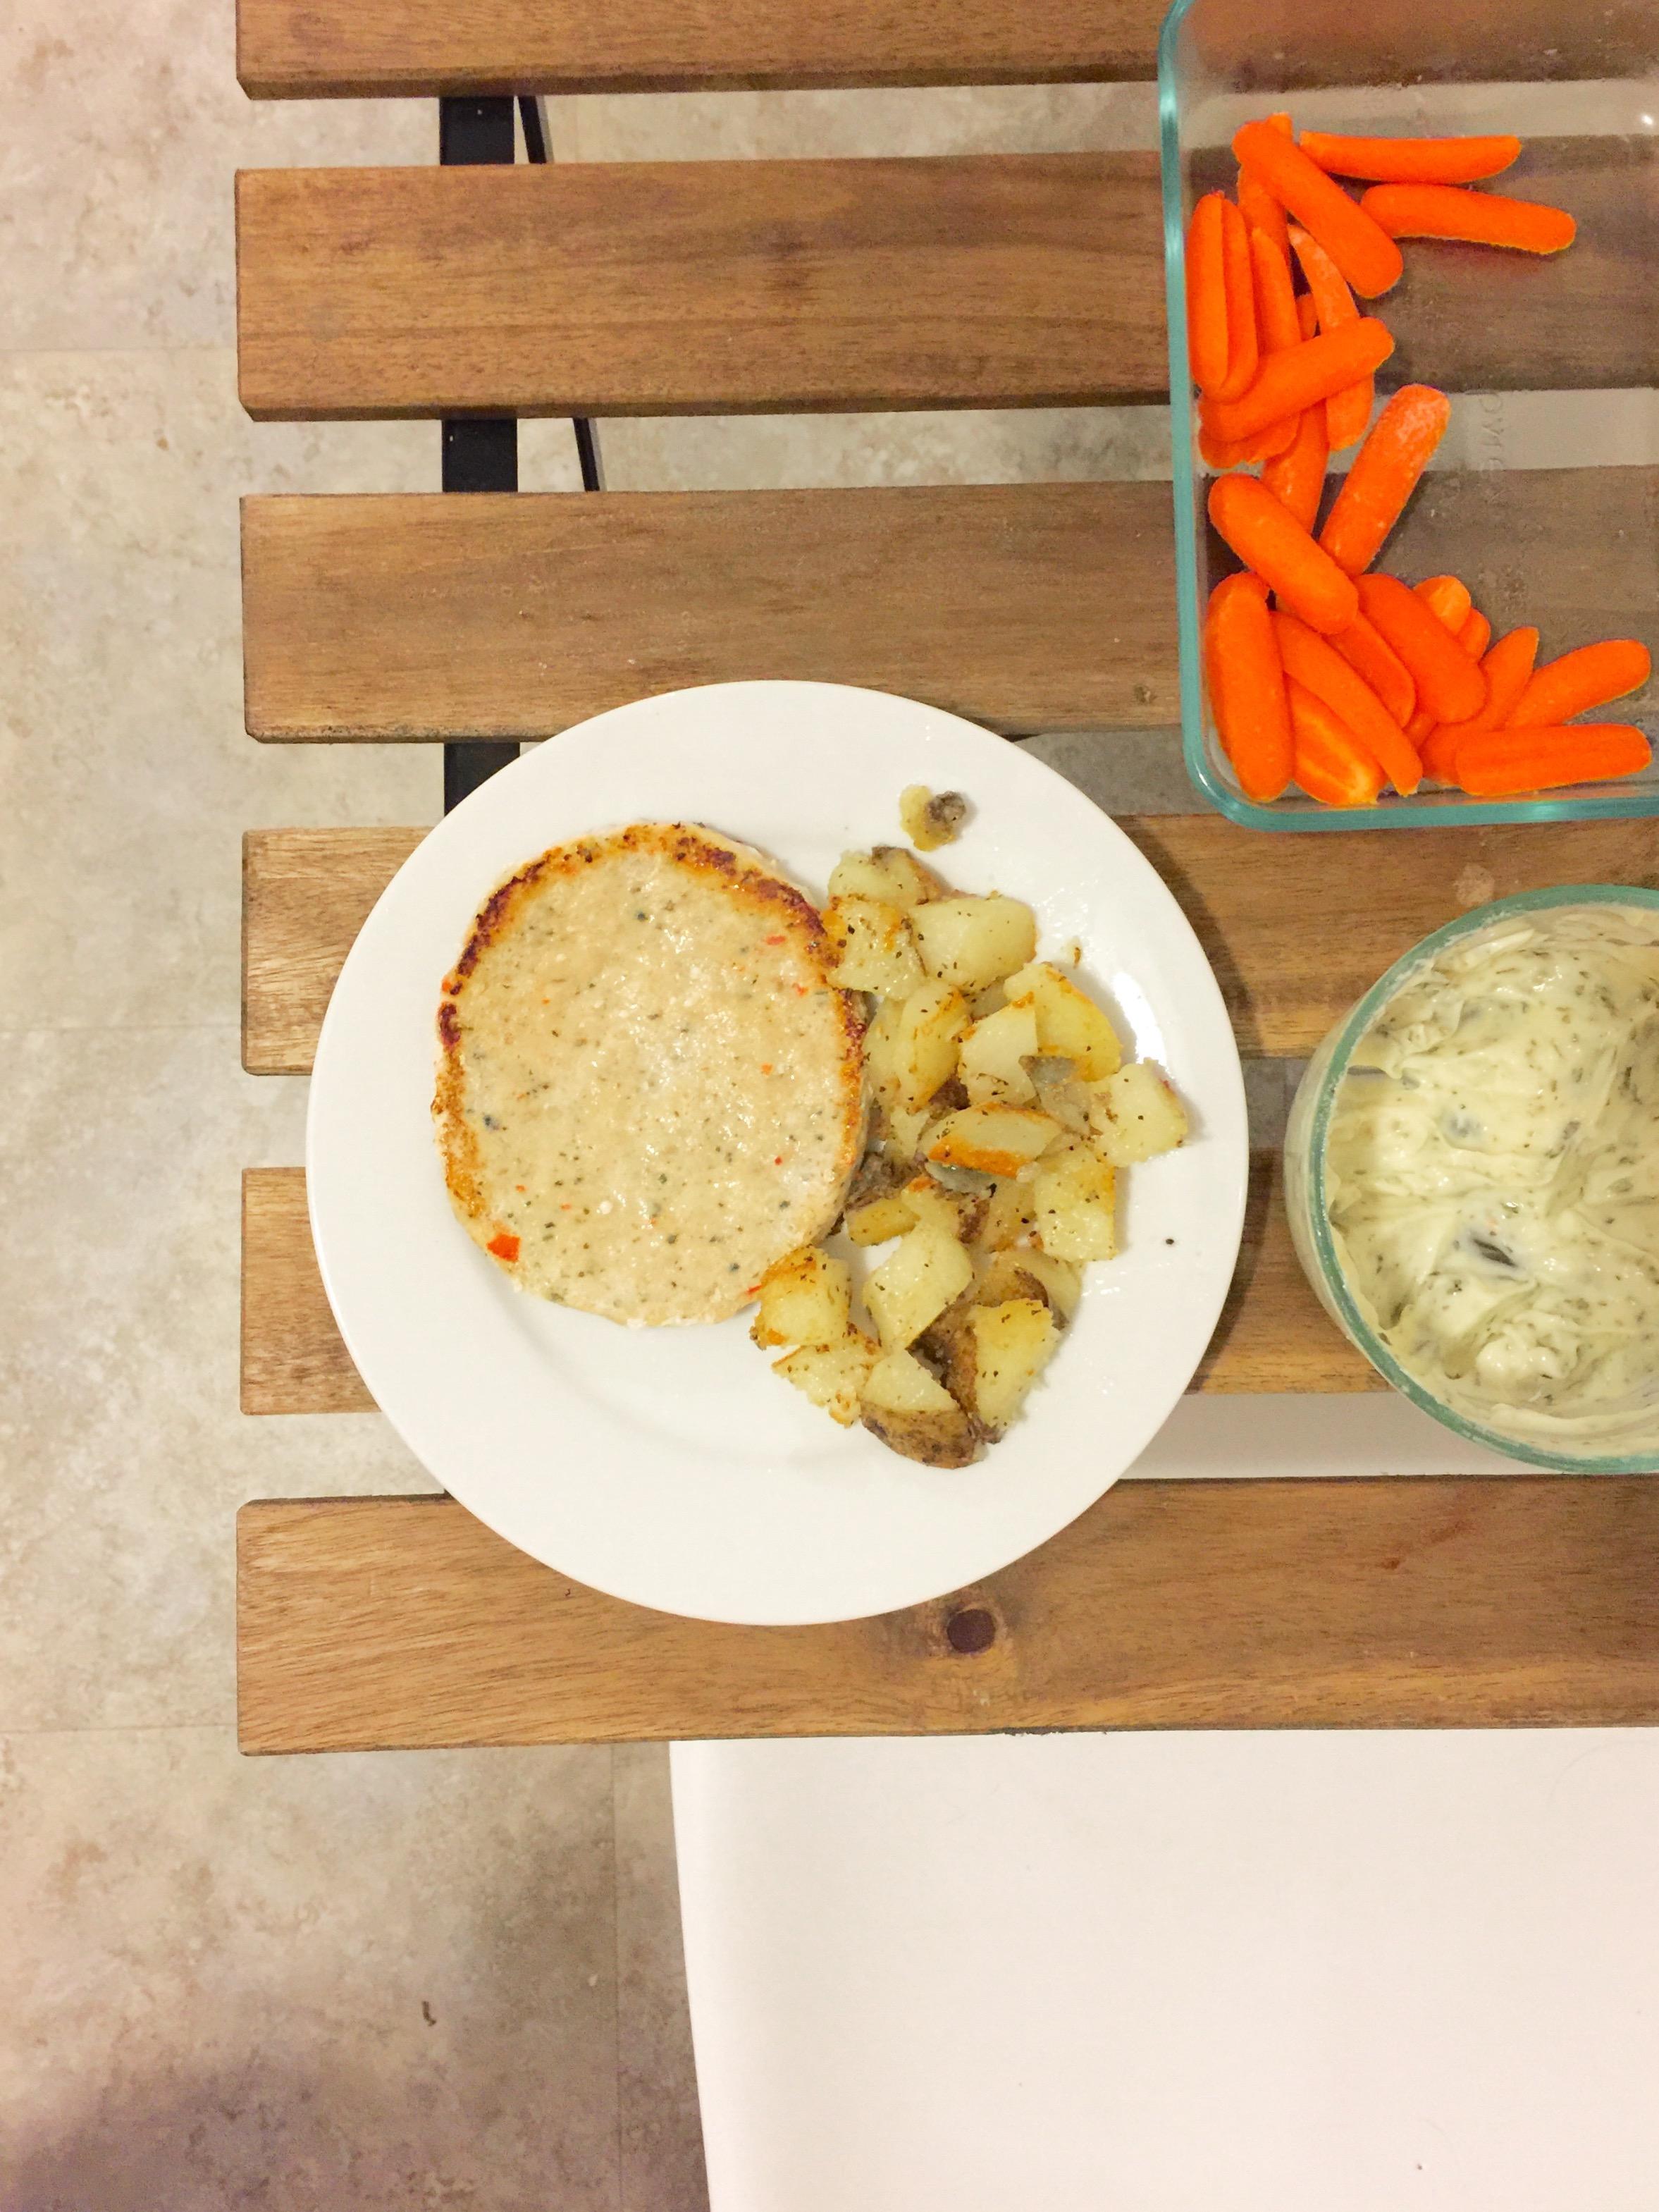 Trader Joe's Chili Lime Chicken Patty, garlic potatoes, and carrots + ranch